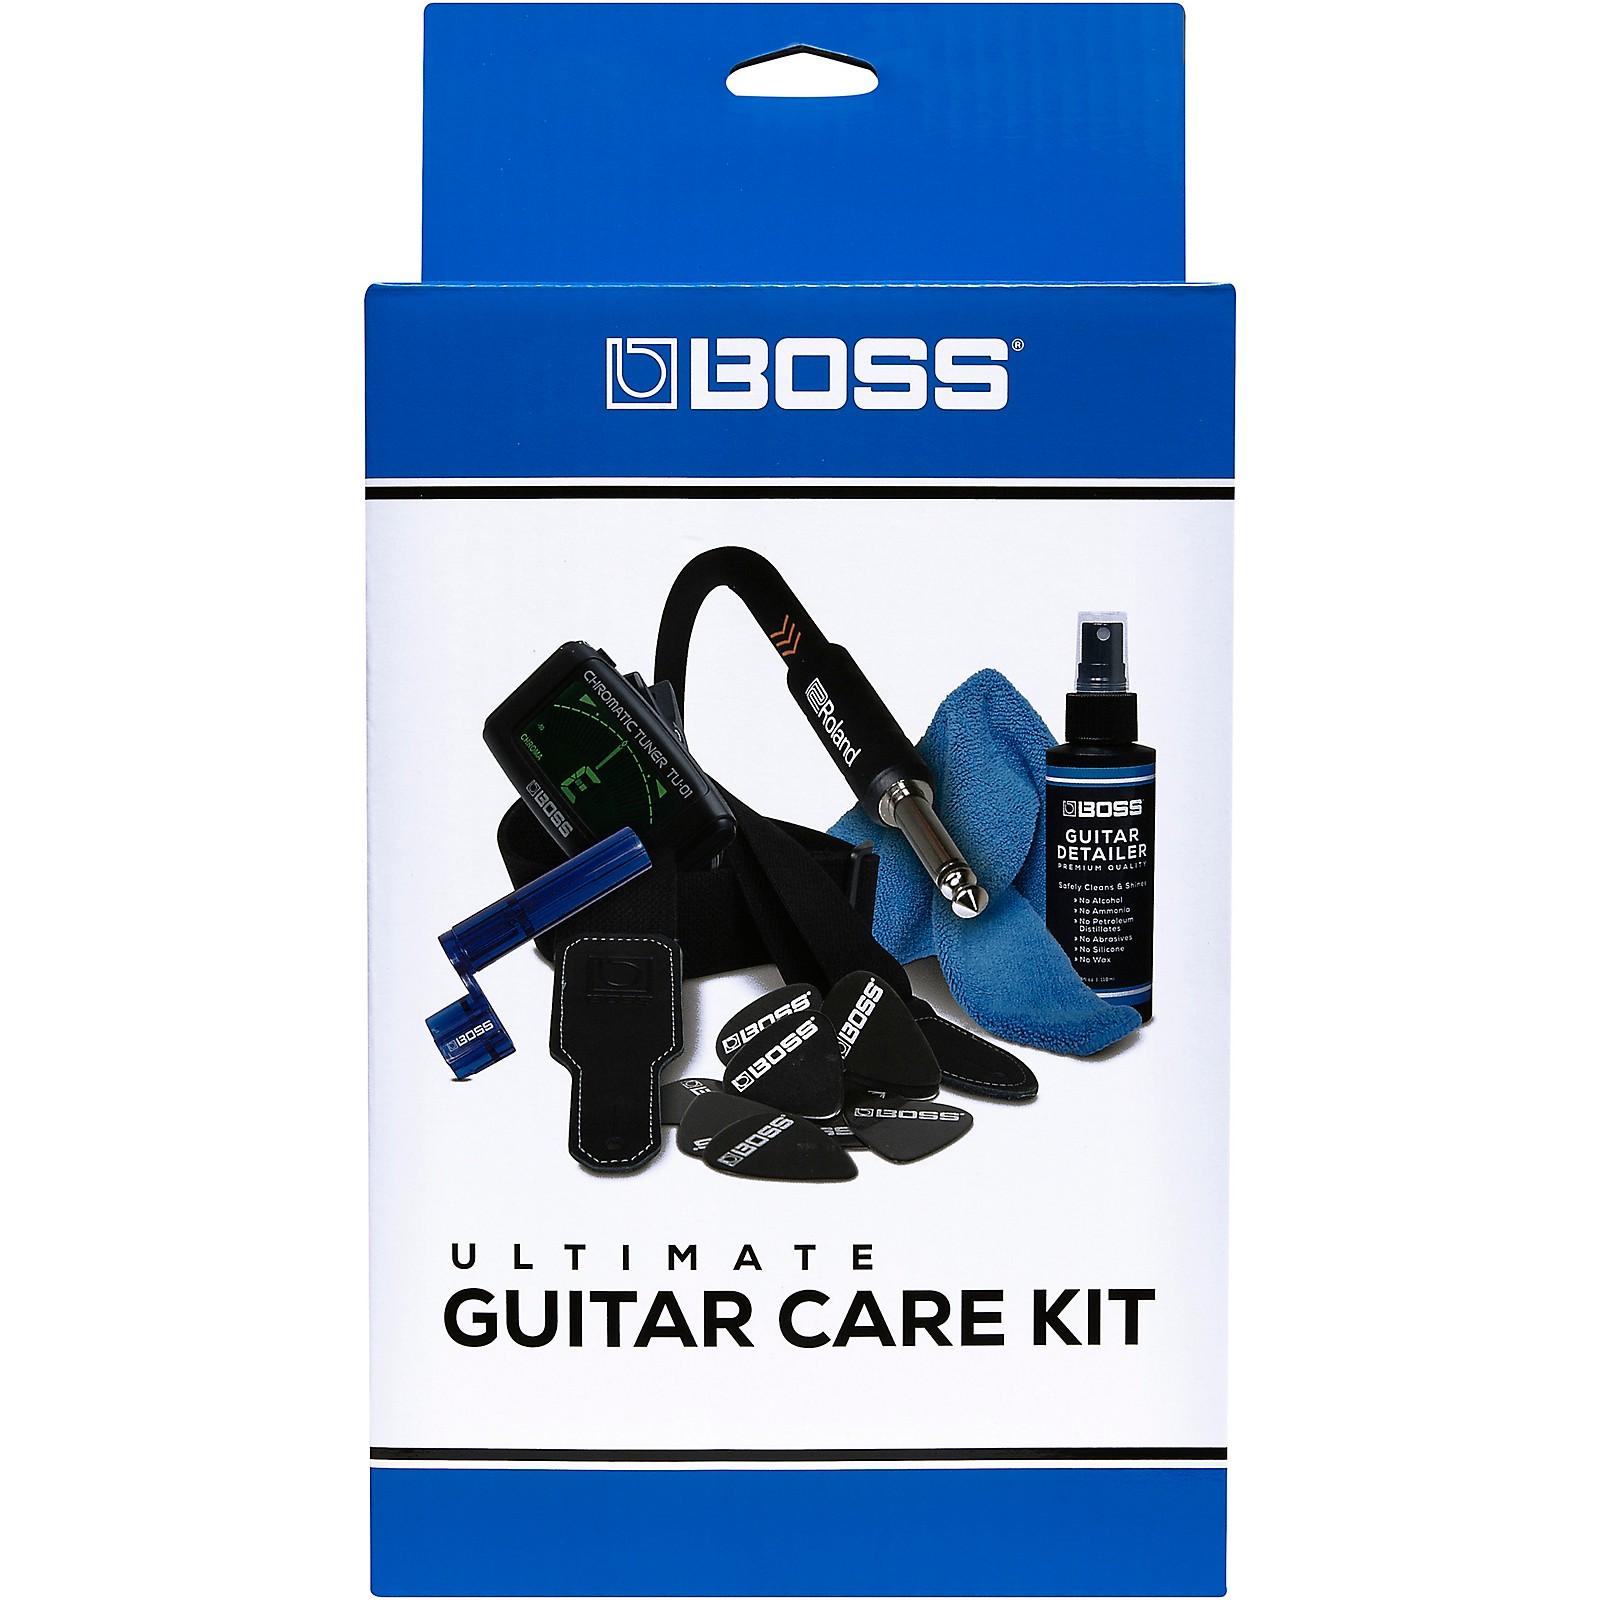 Boss Ultimate Guitar Care Kit